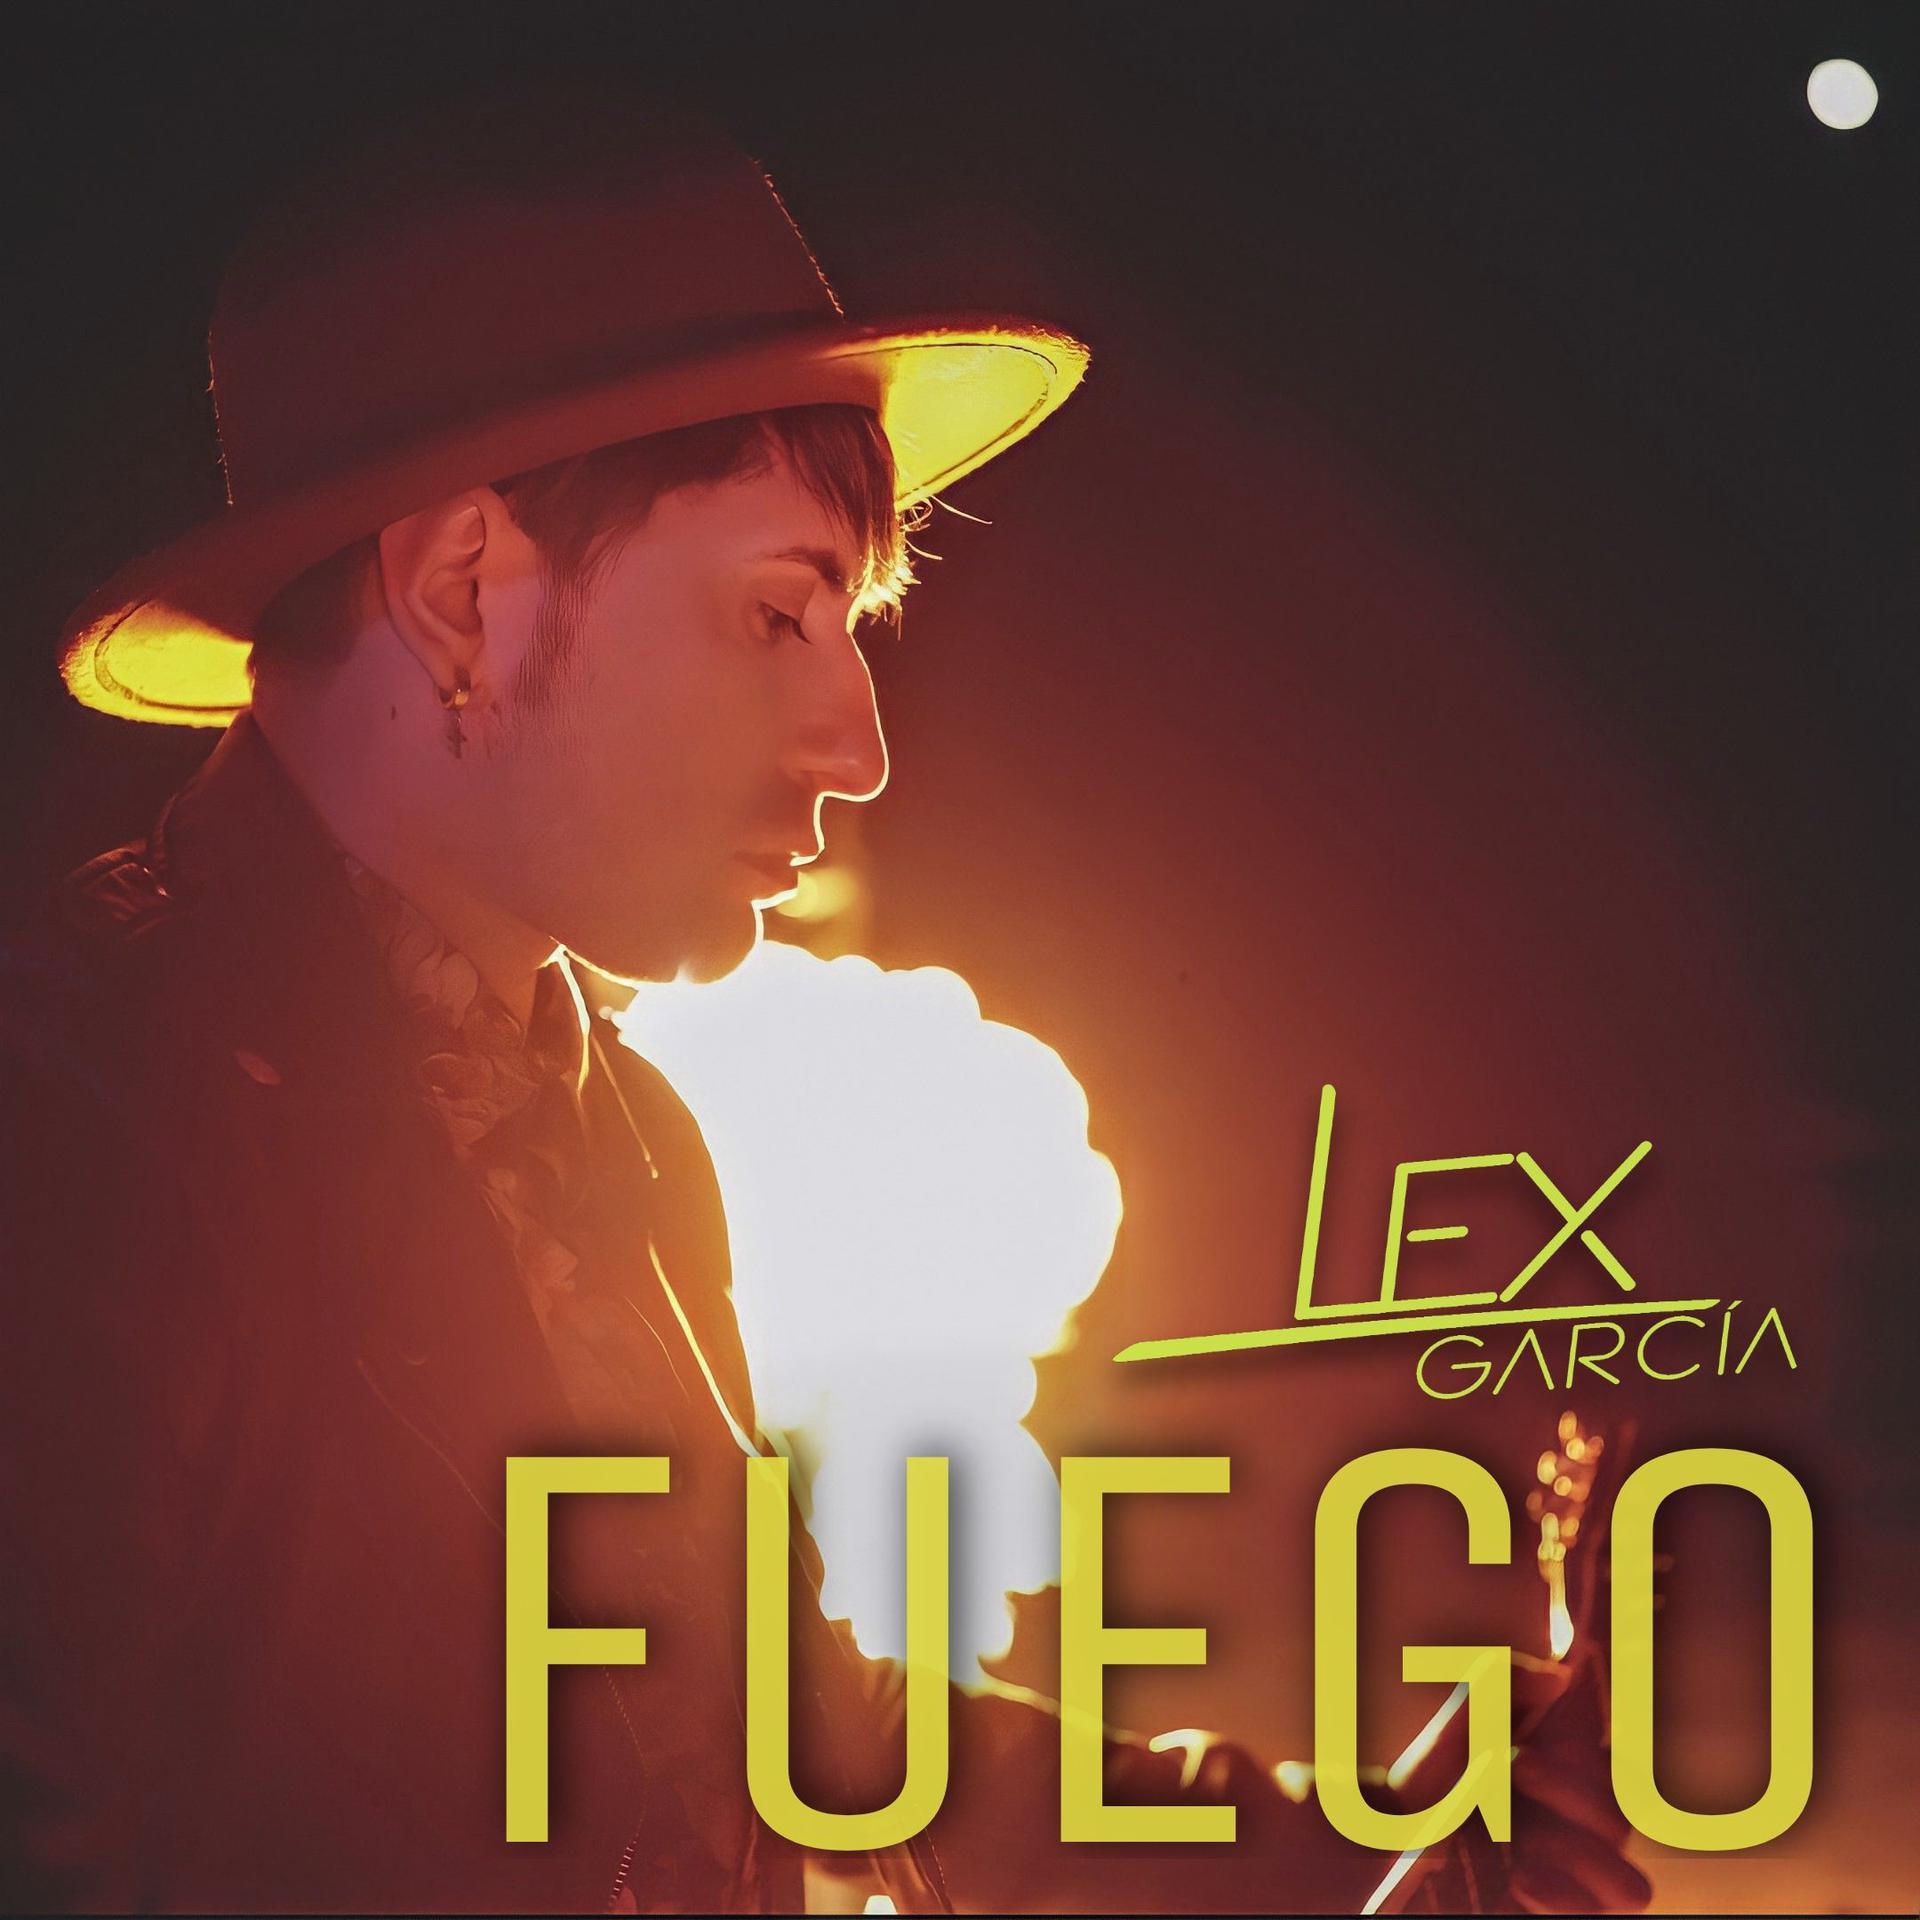 """Música en todo su esplendor: """"Fuego"""", el nuevo single de Lex García"""